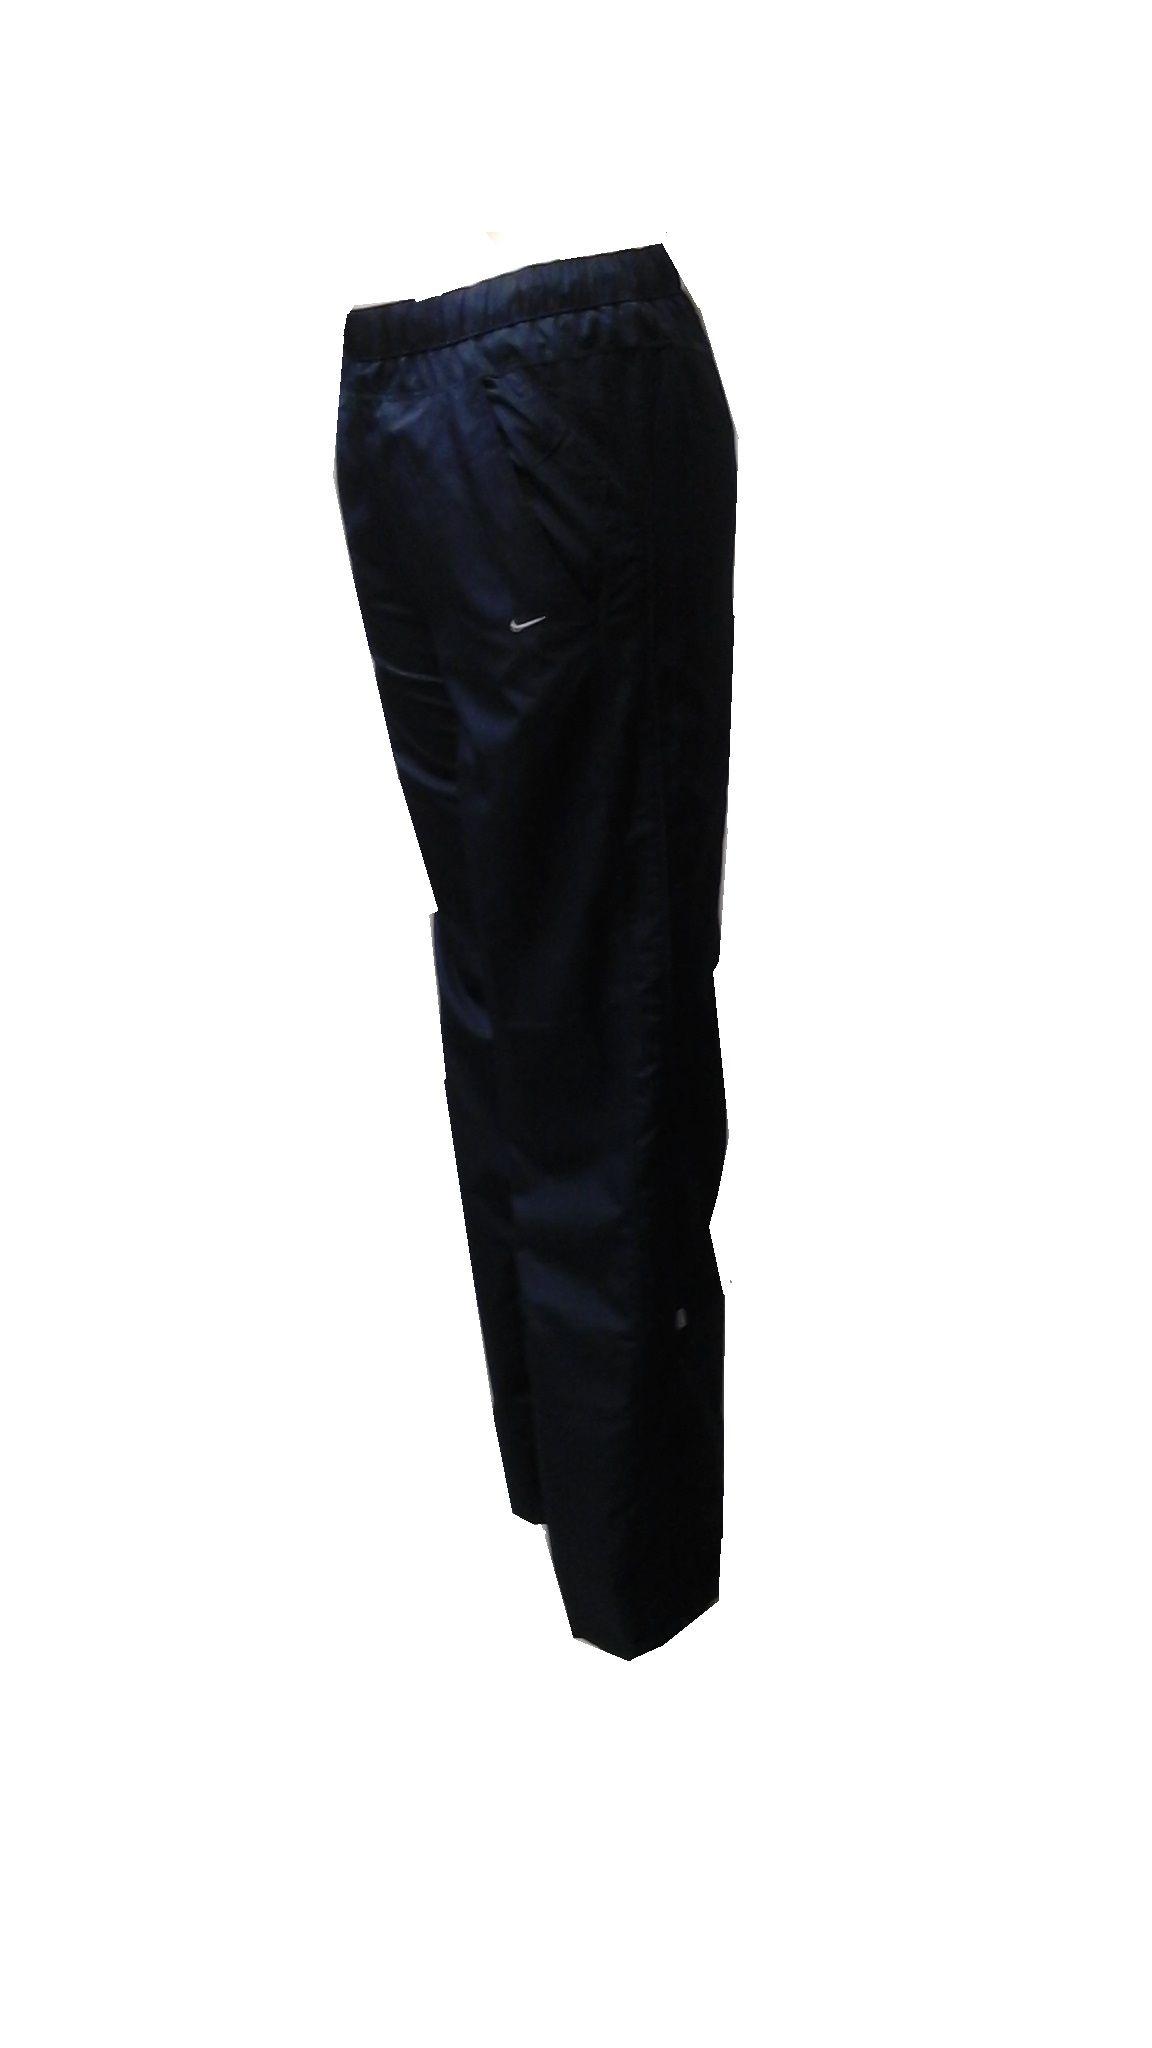 pantalon de nike